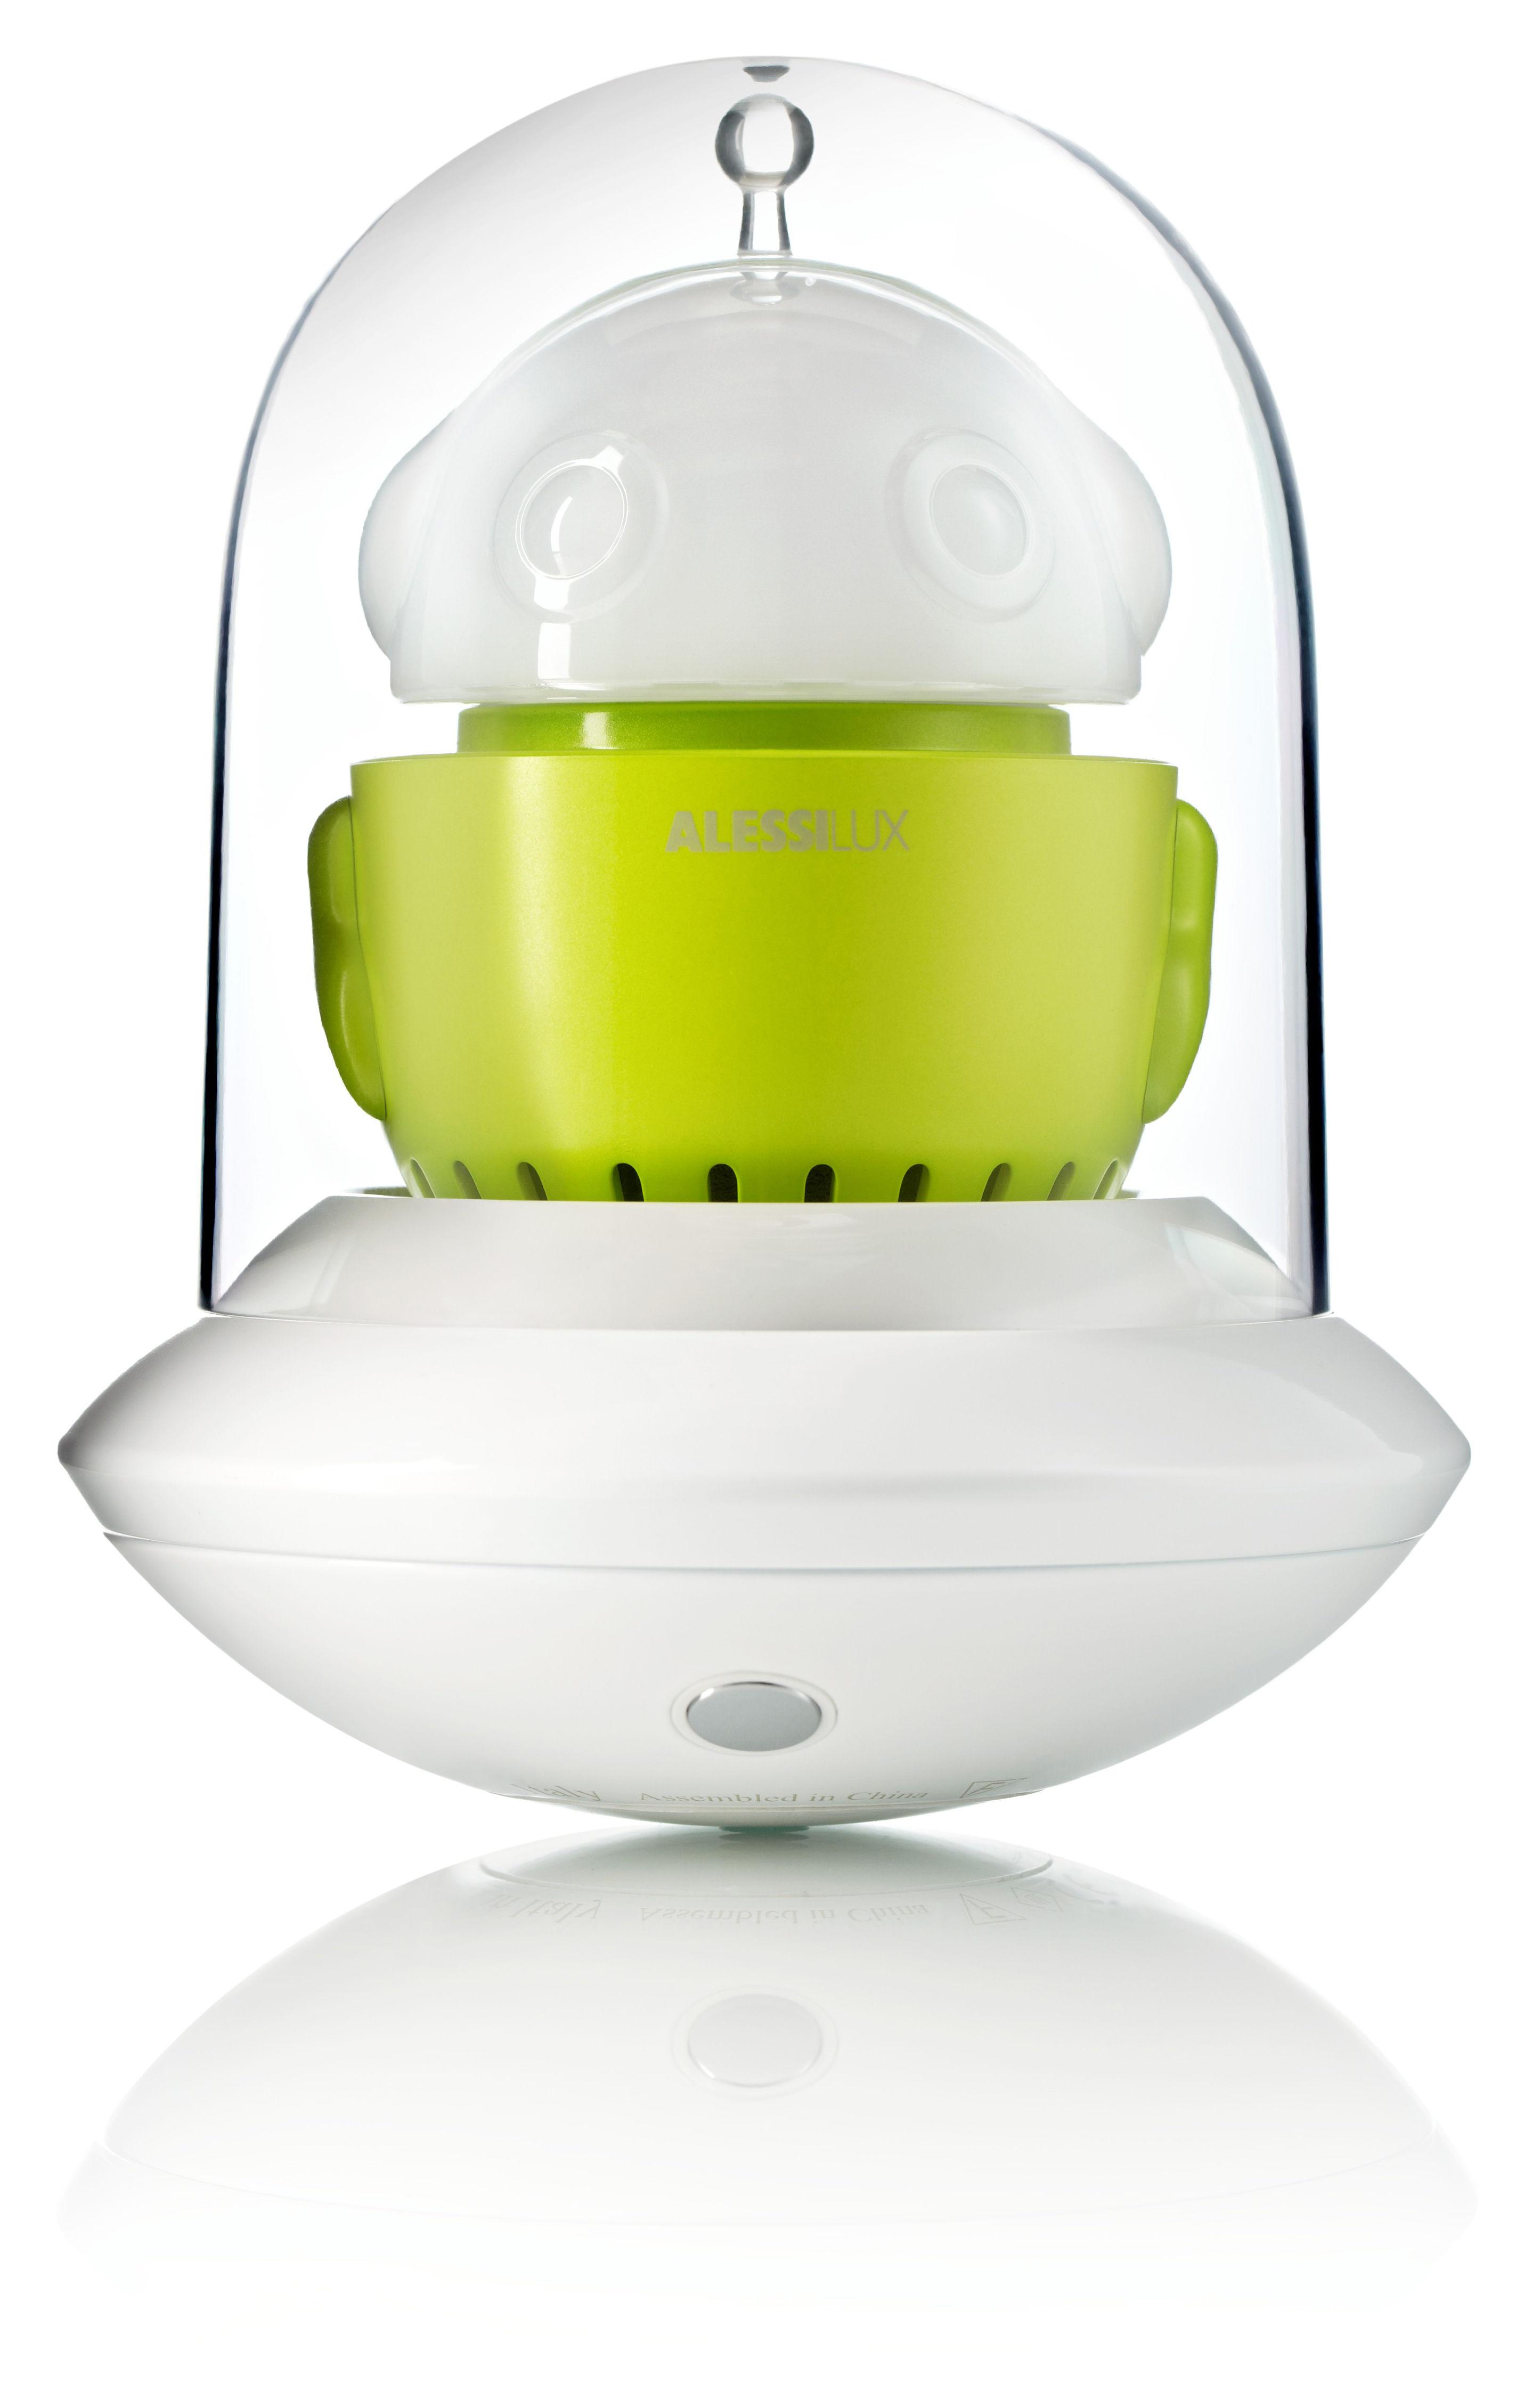 lampe sans fil ufo portable led vert alessilux. Black Bedroom Furniture Sets. Home Design Ideas